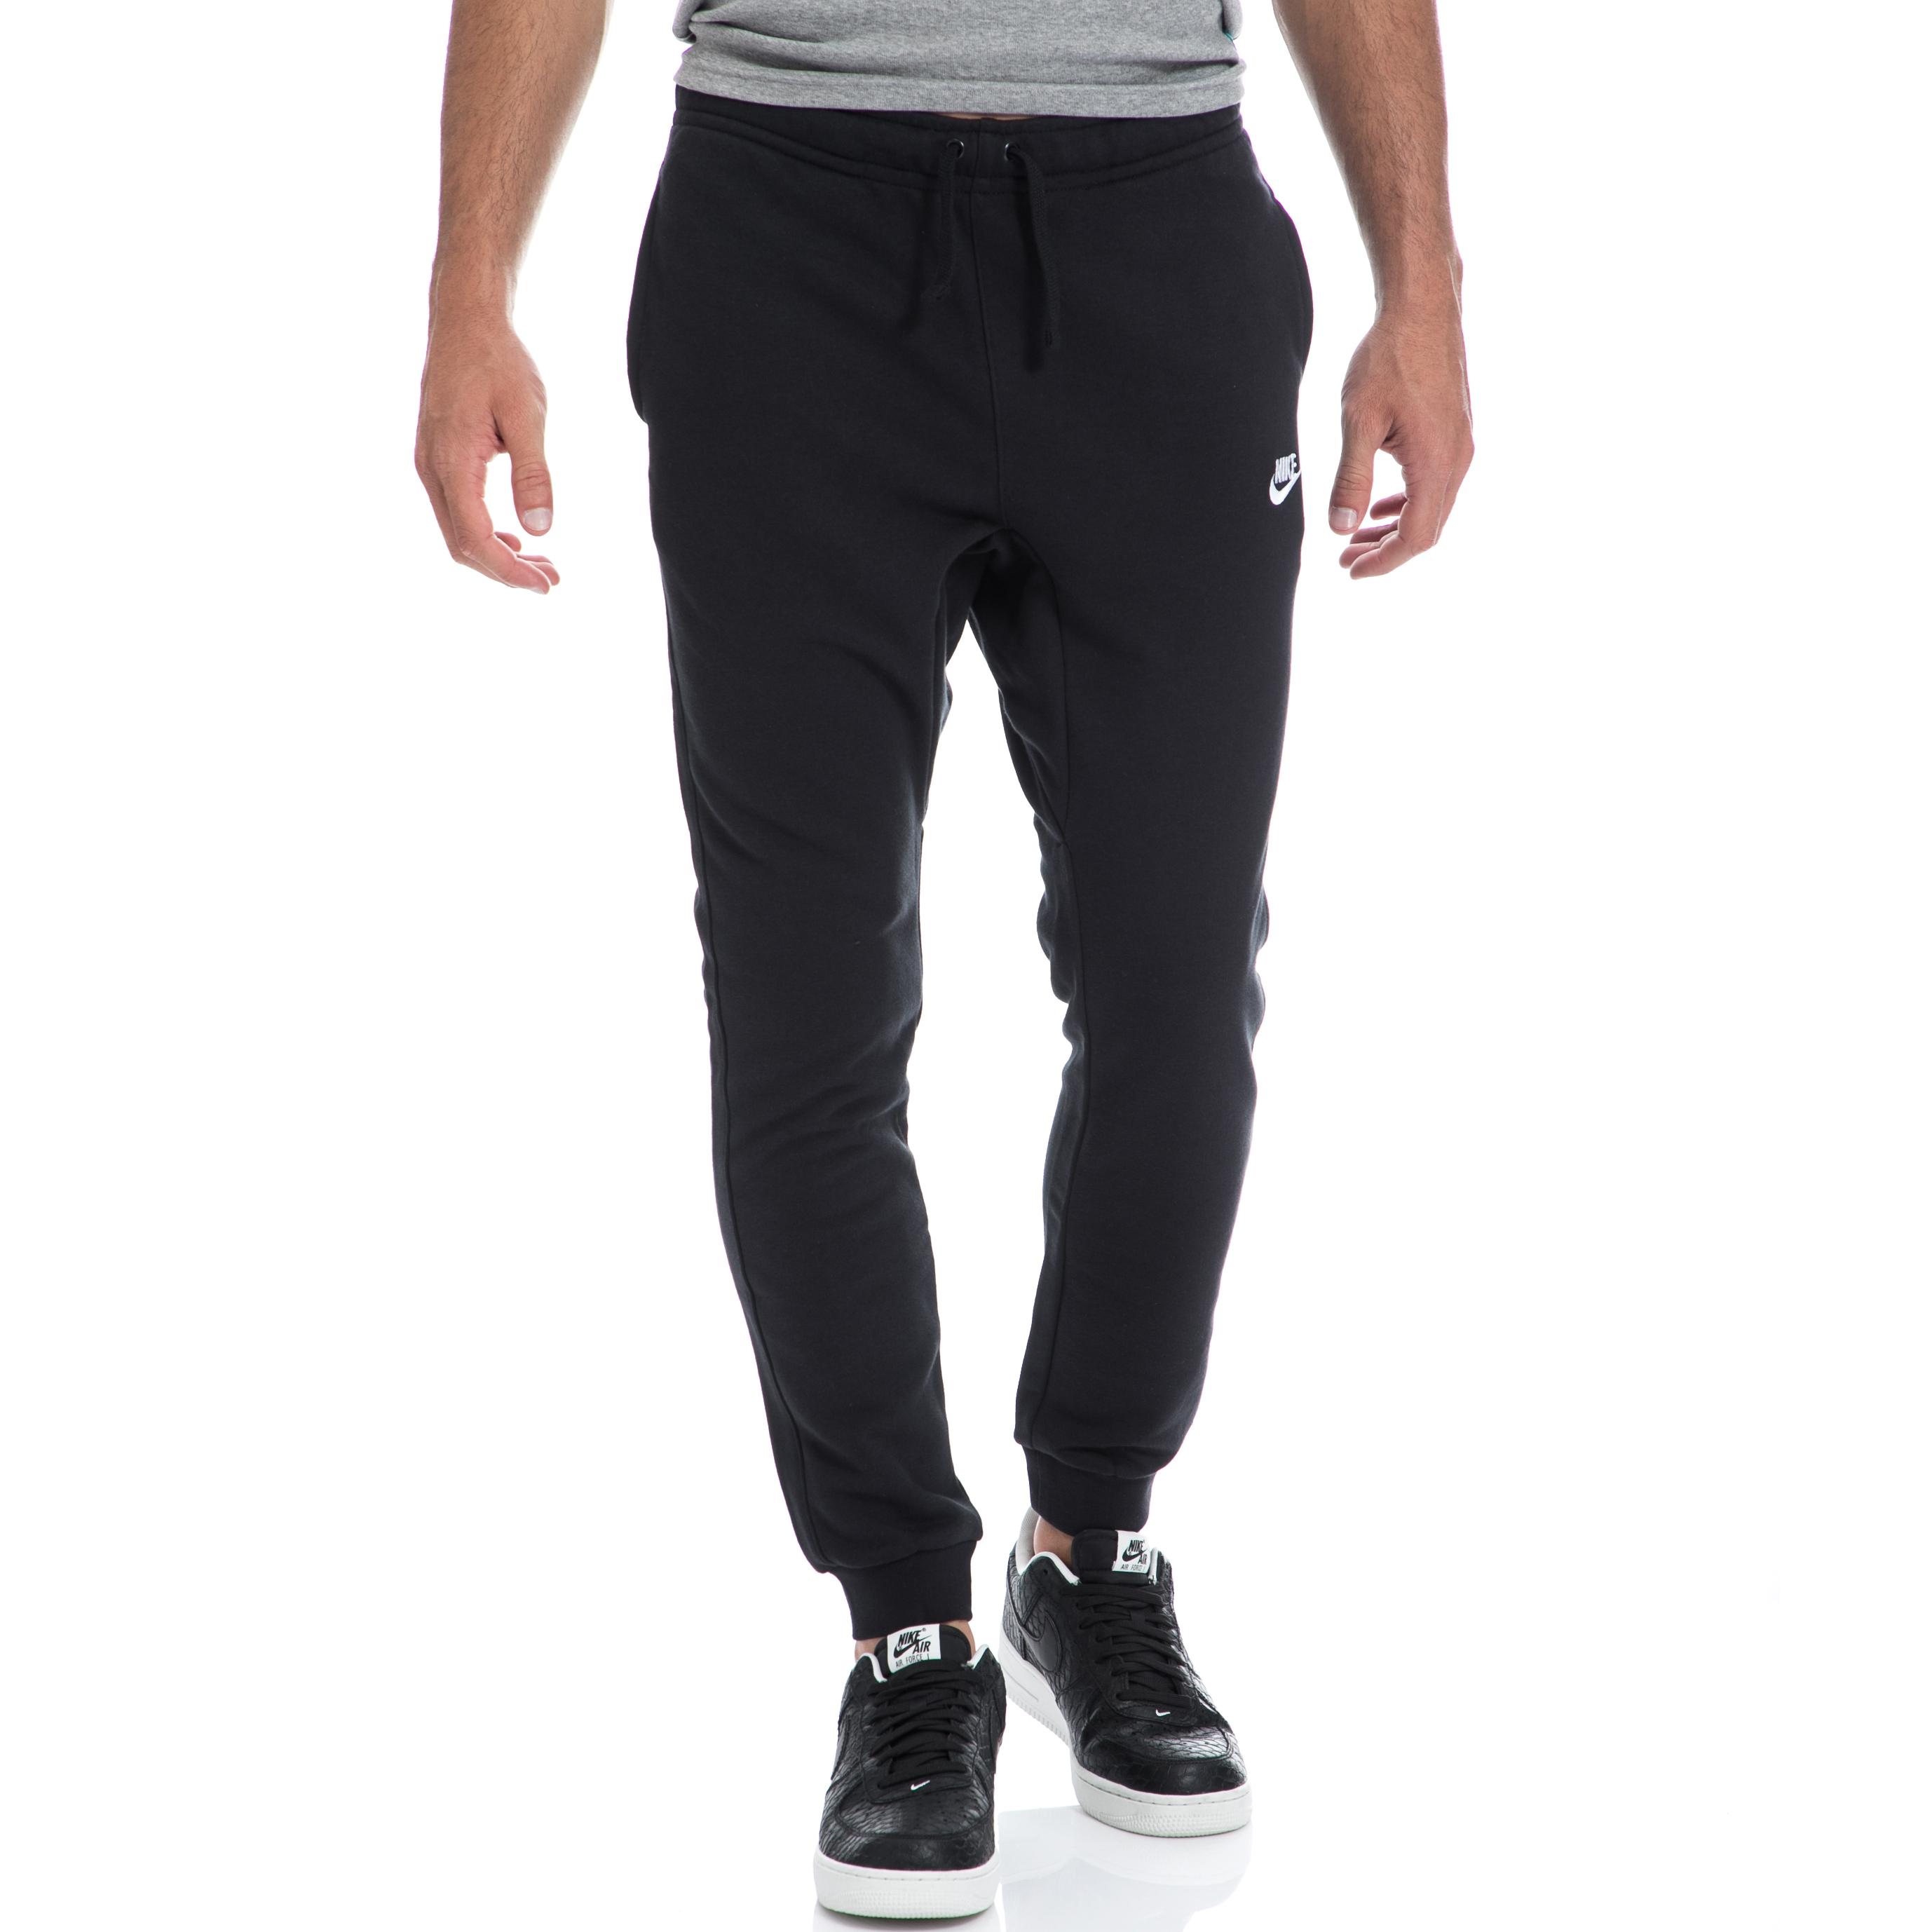 NIKE - Αντρικό αθλητικό παντελόνι NIKE μαύρο